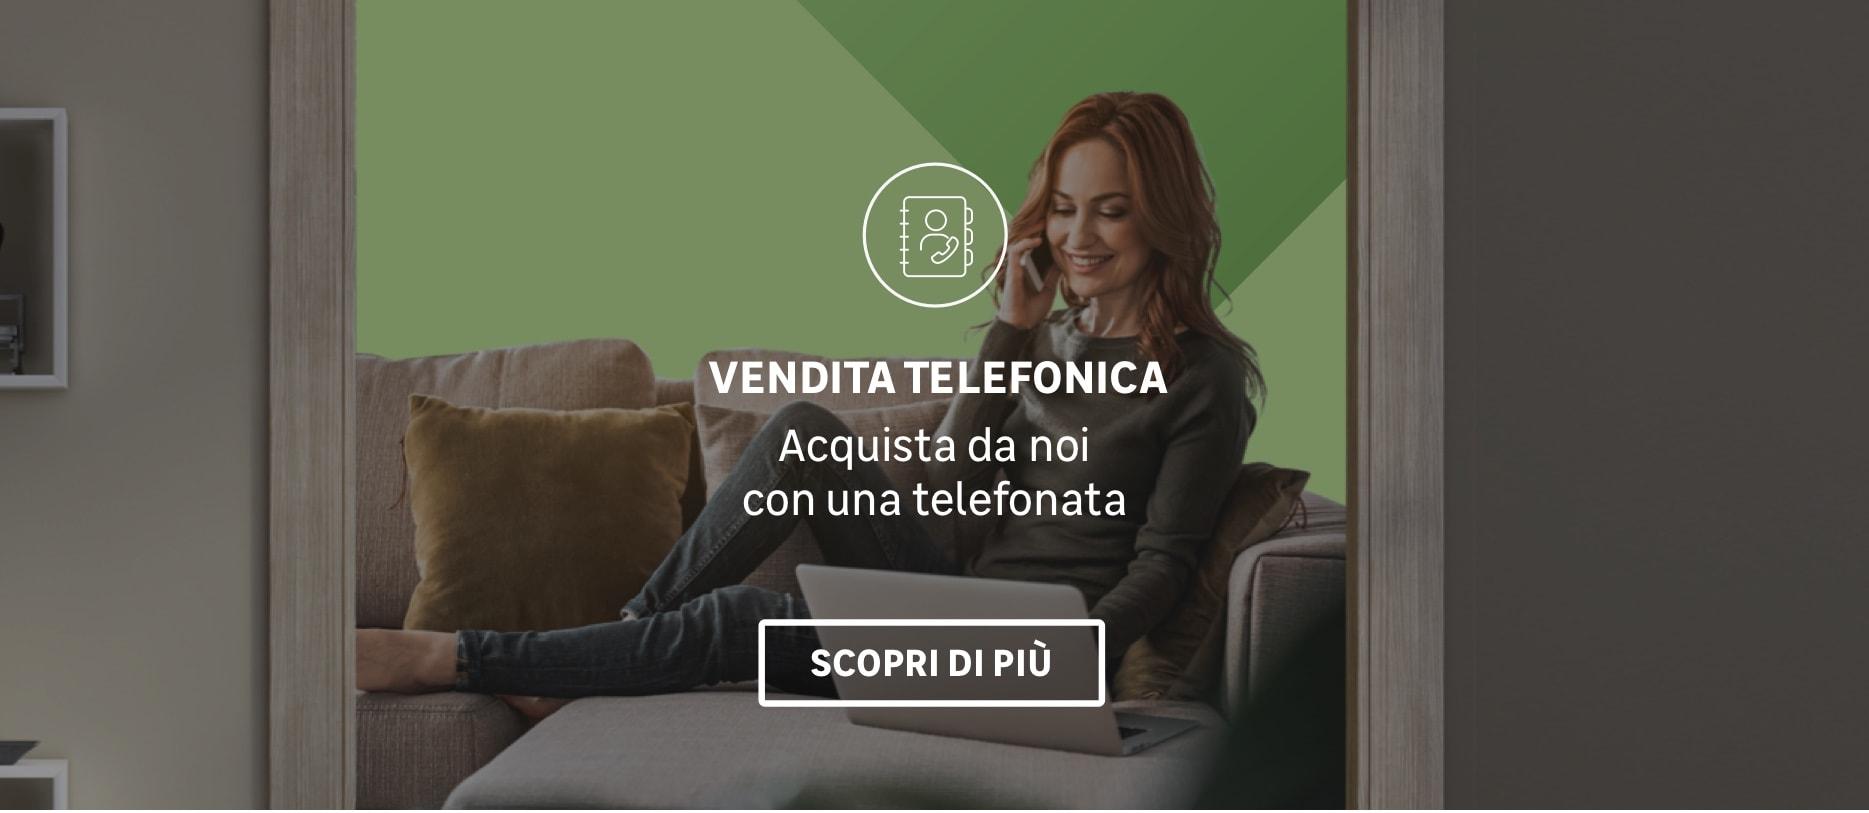 Solo in Piemonte e Lombardia: servizio di vendita telefonica